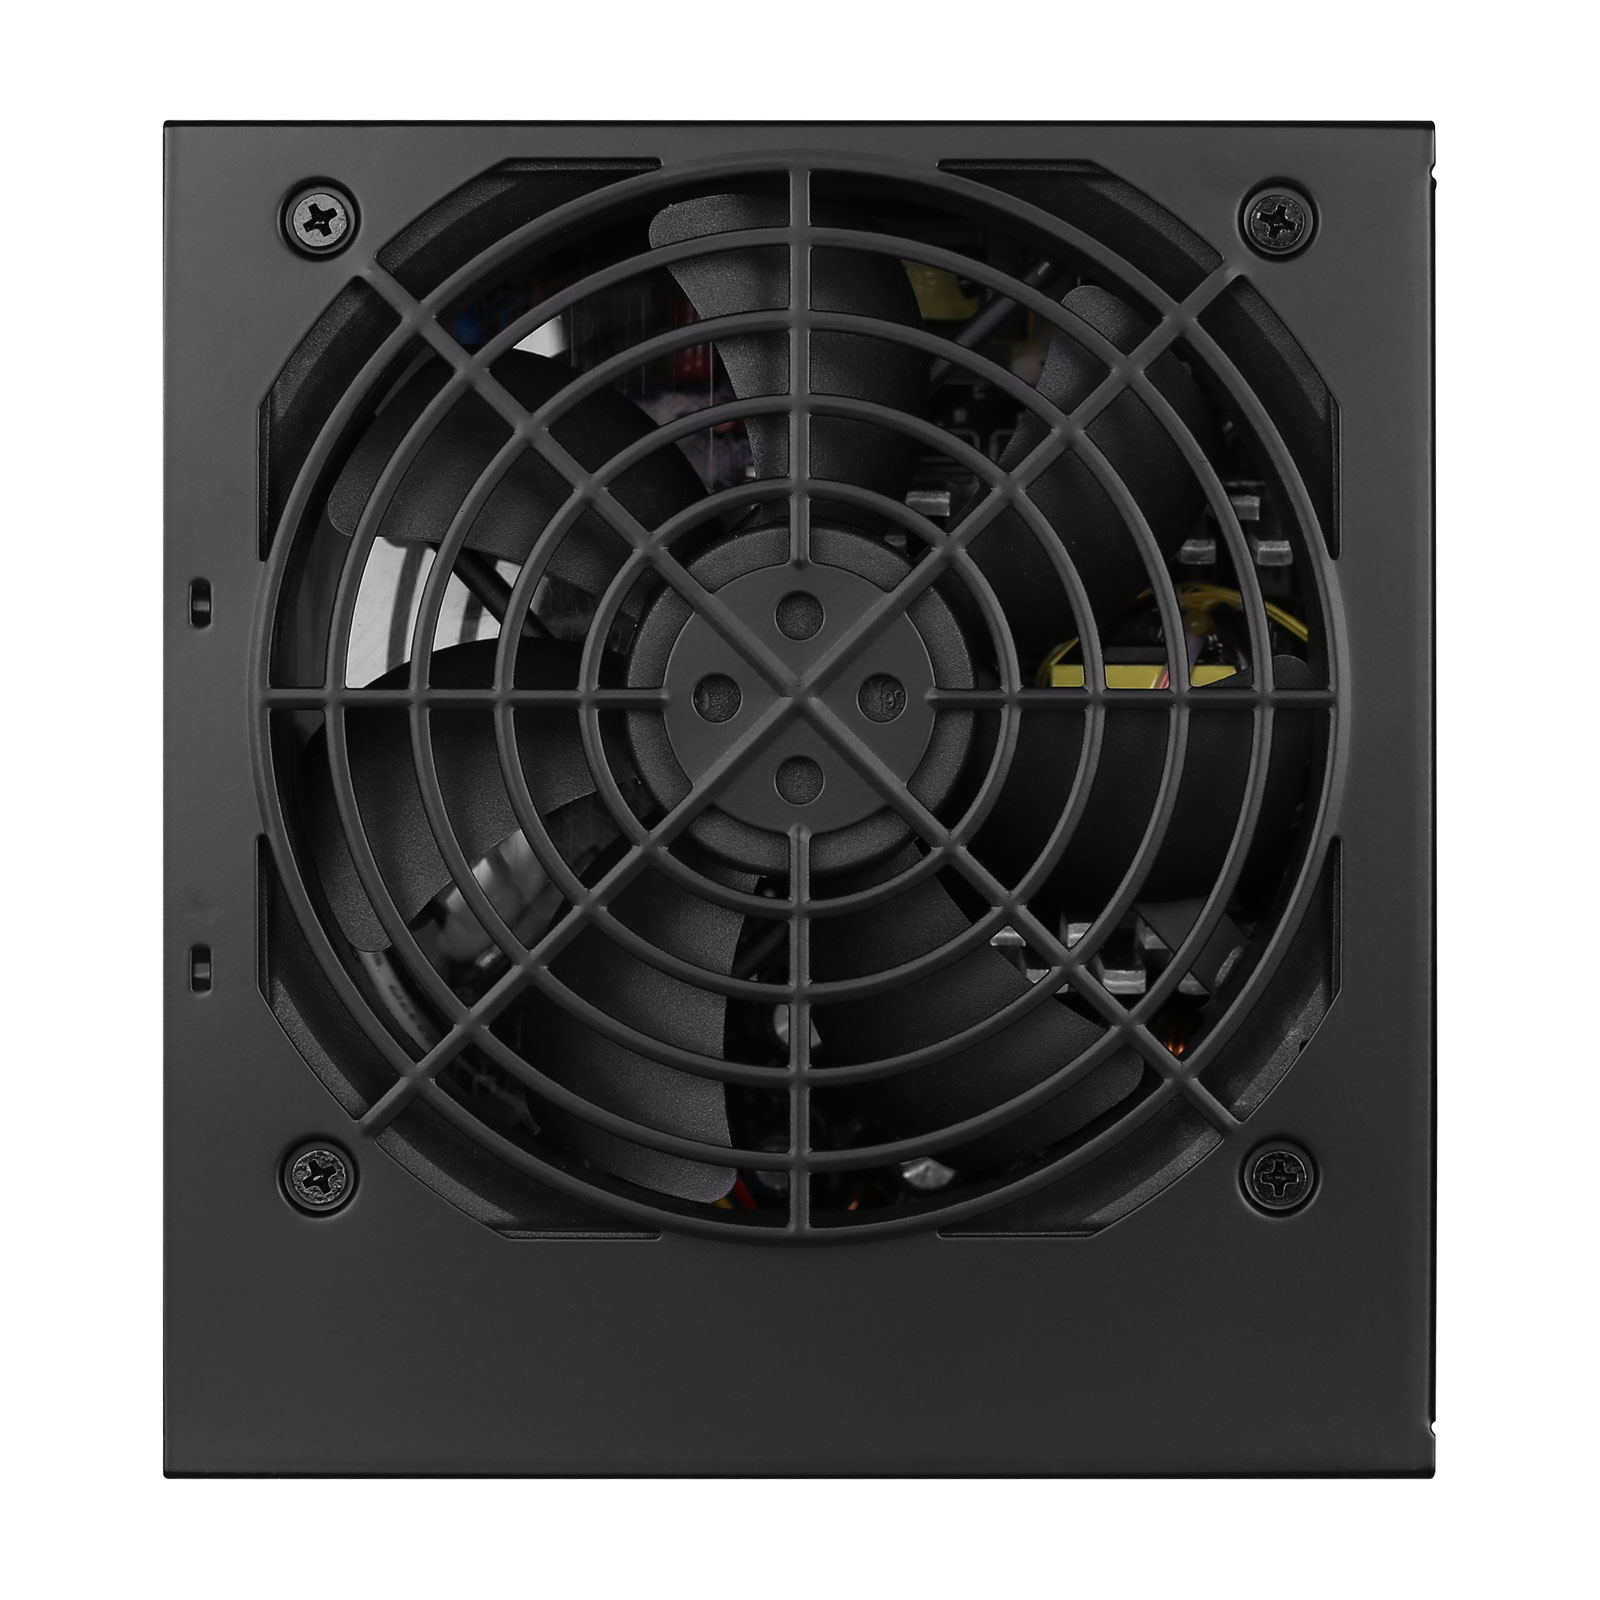 Cooler master masterwatt lite 400 alimentation pc cooler for Fuente alimentacion 230v